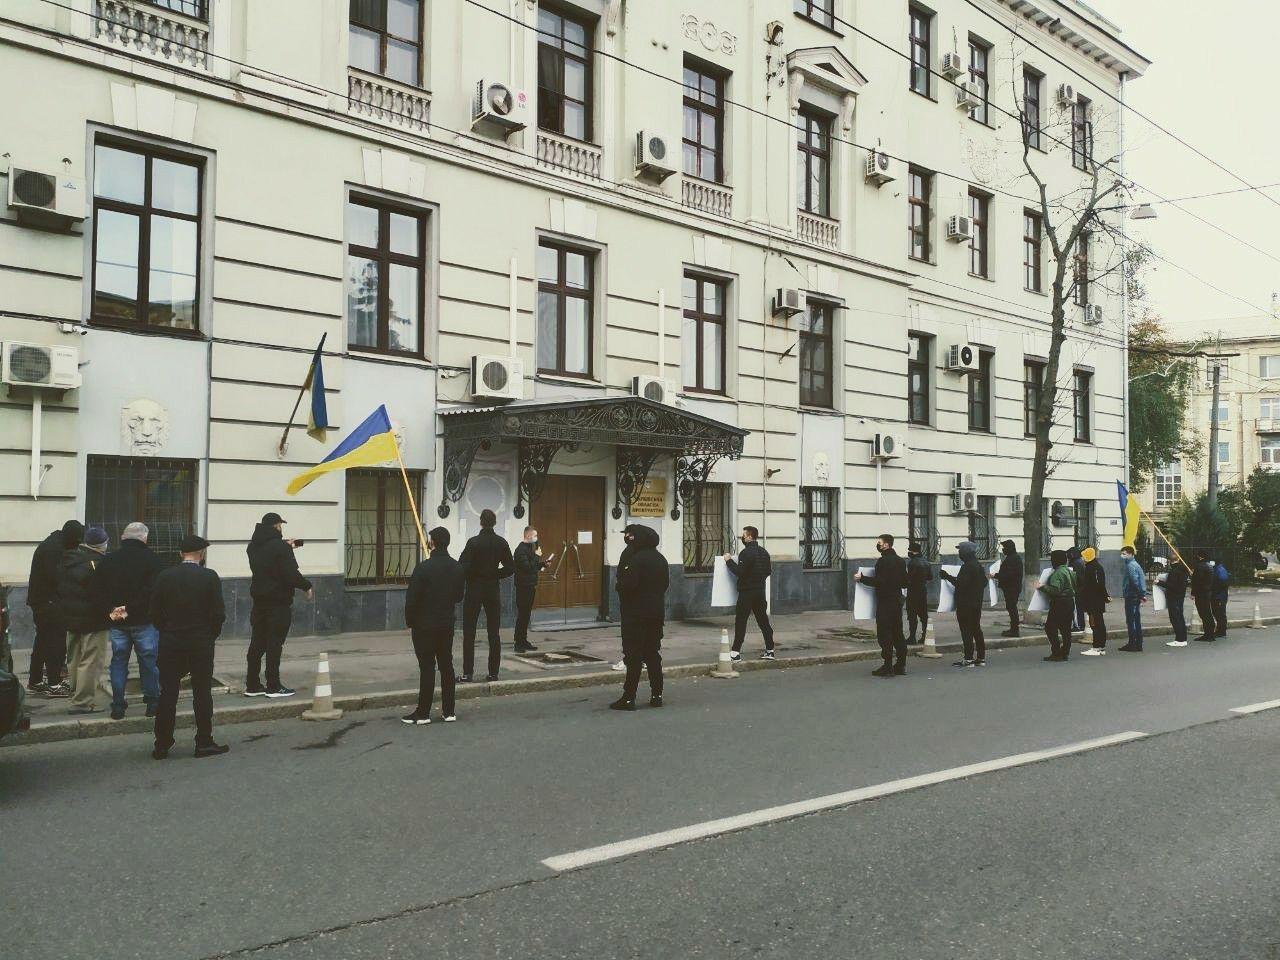 Выделение земли боевикам «ДНР»: в Харькове активисты пикетировали областную прокуратуру, - ФОТО, фото-3